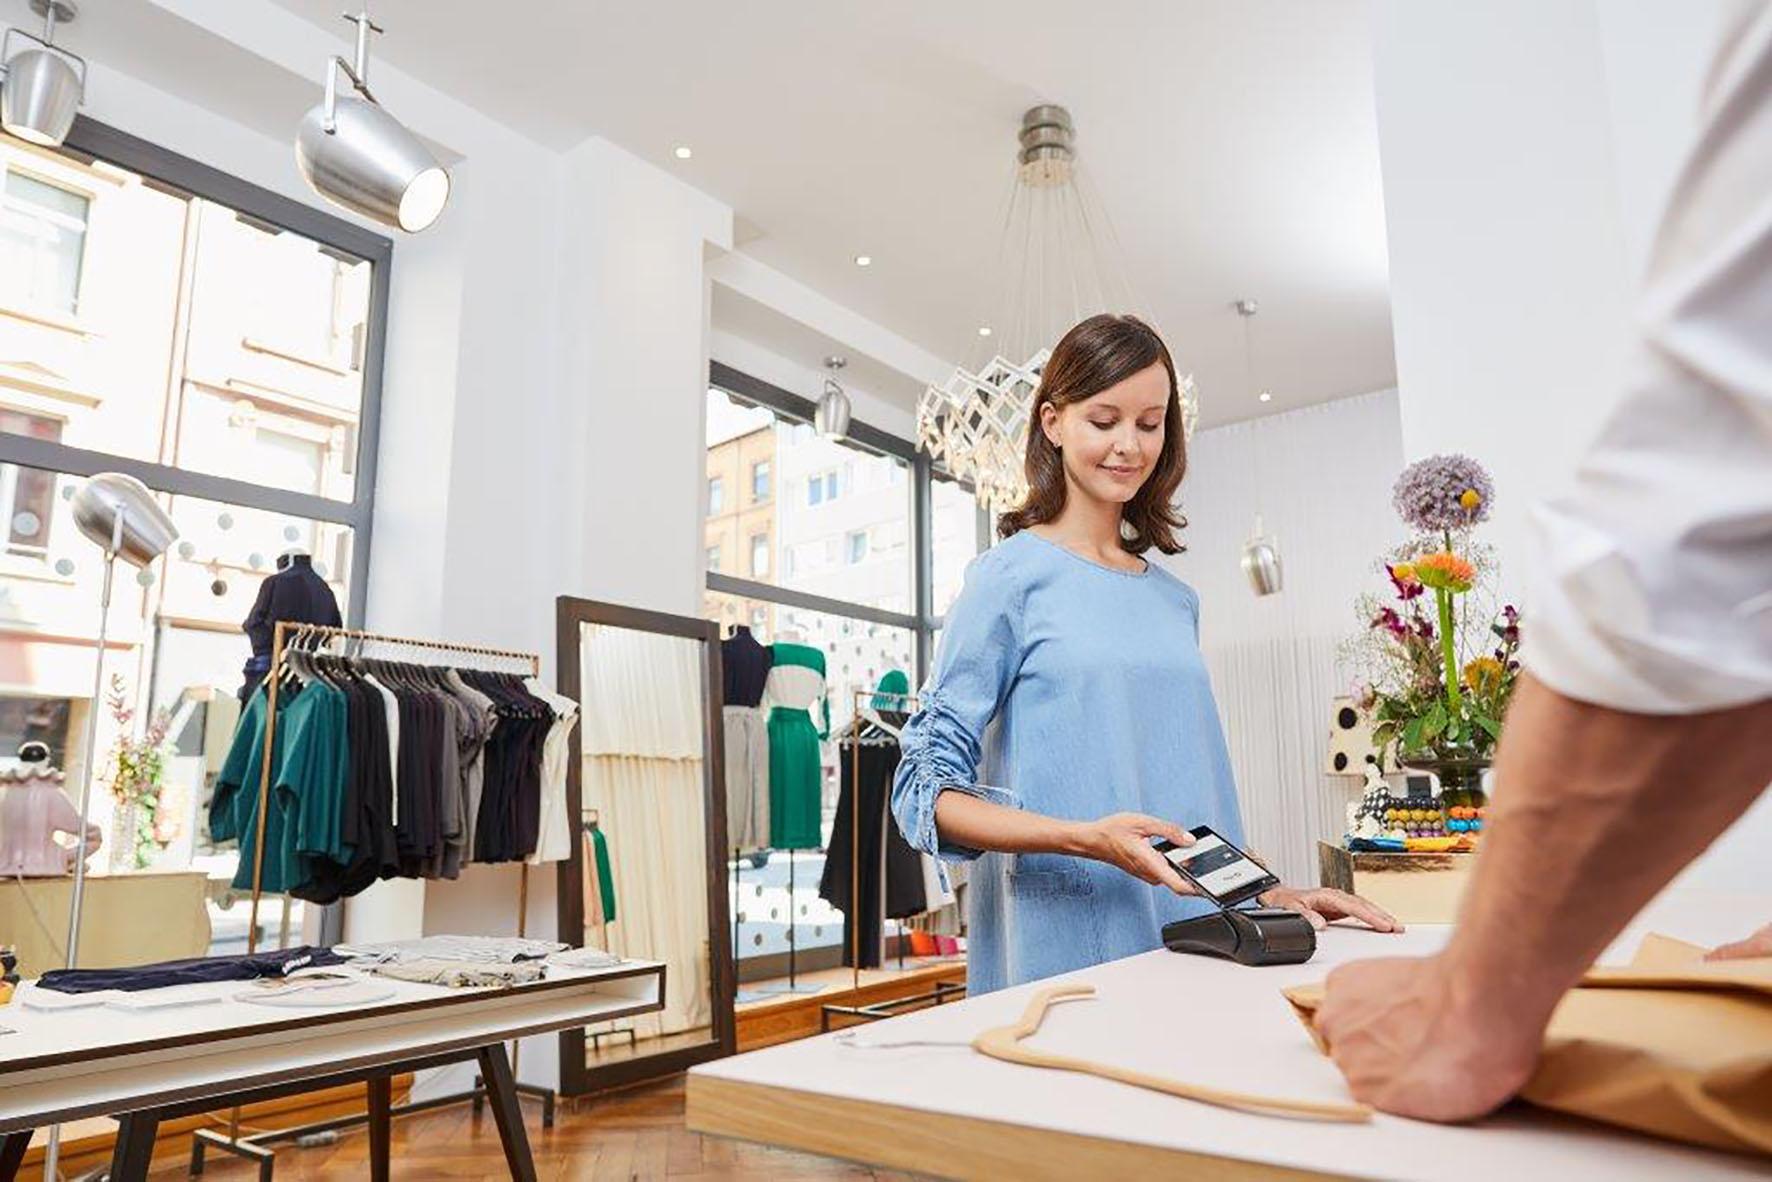 Kontaktlos bezahlen statt nach Kleingeld kramen